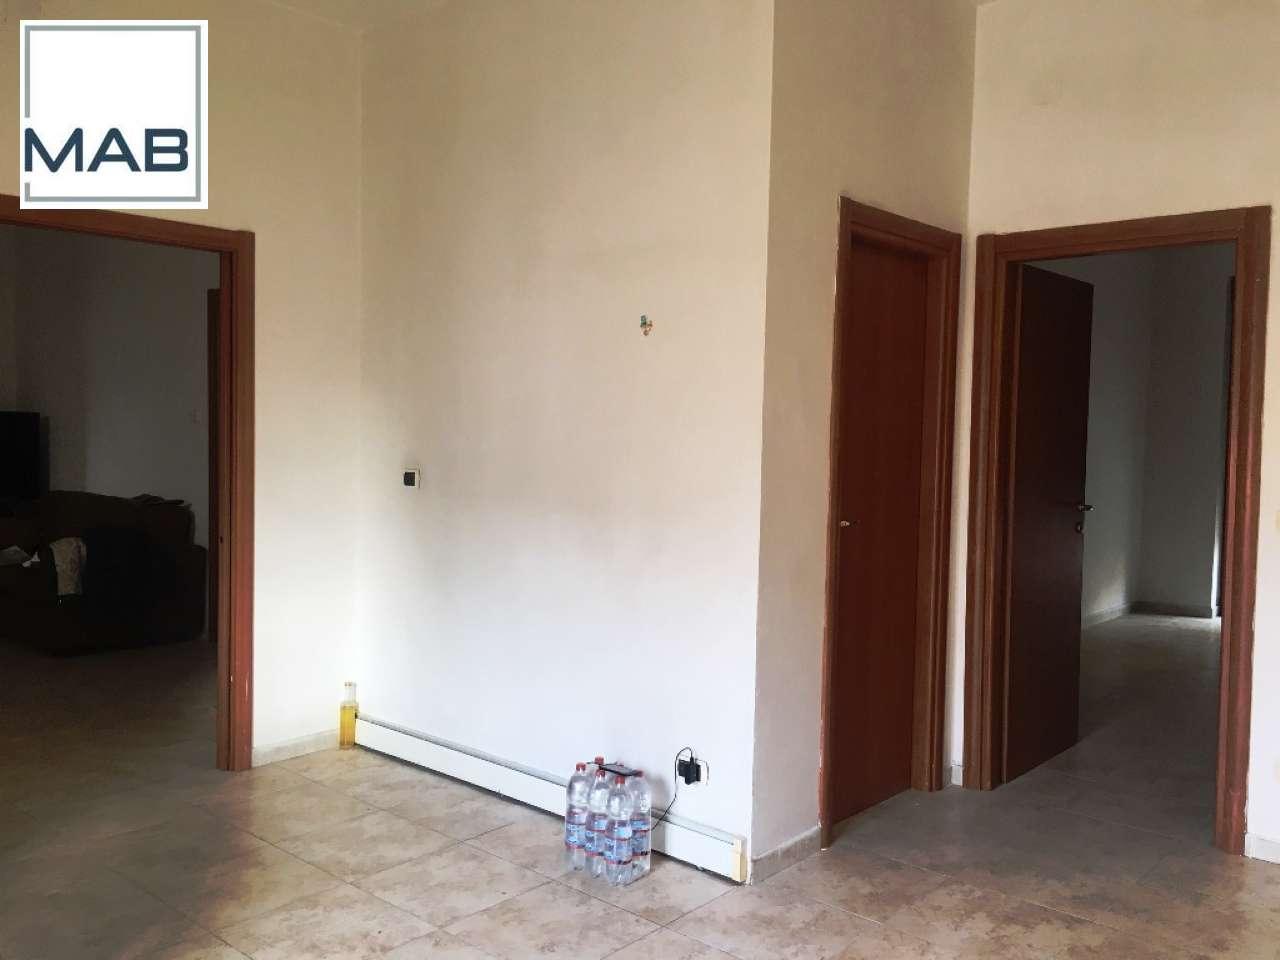 Appartamento in vendita a Brusciano, 4 locali, prezzo € 148.000 | CambioCasa.it